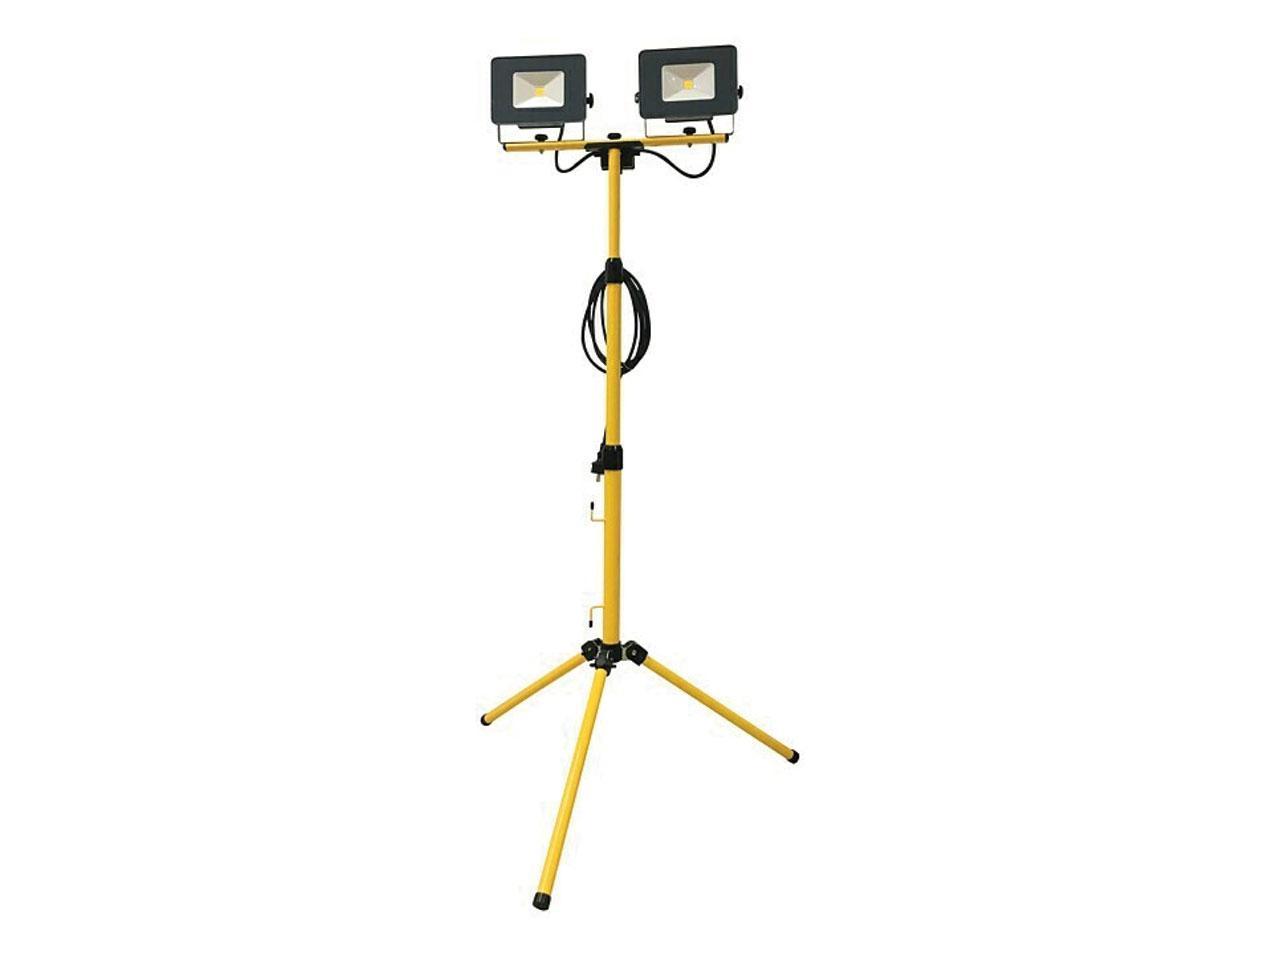 Mobilní LED reflektor VOLTOLUX Profi Depot